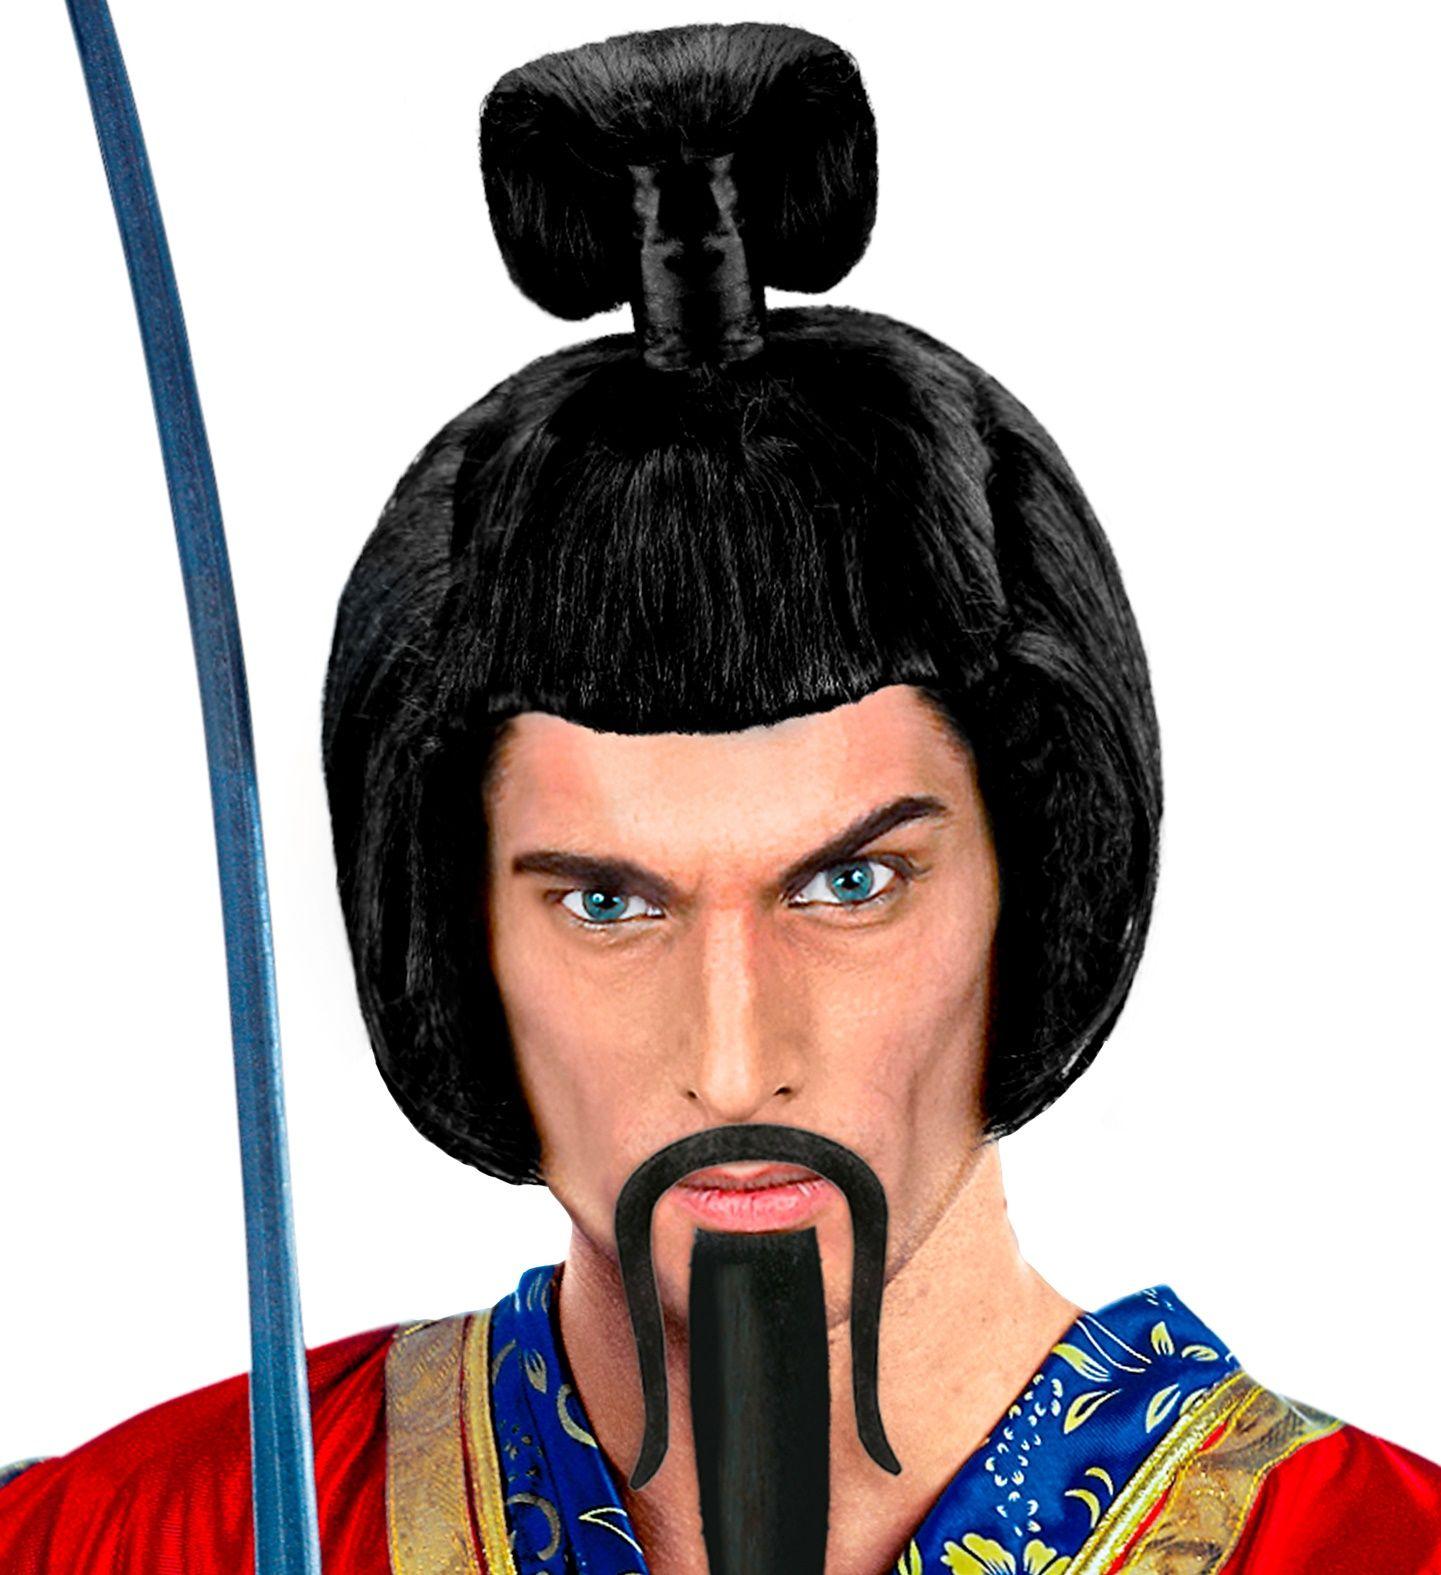 Zwarte samurai pruik